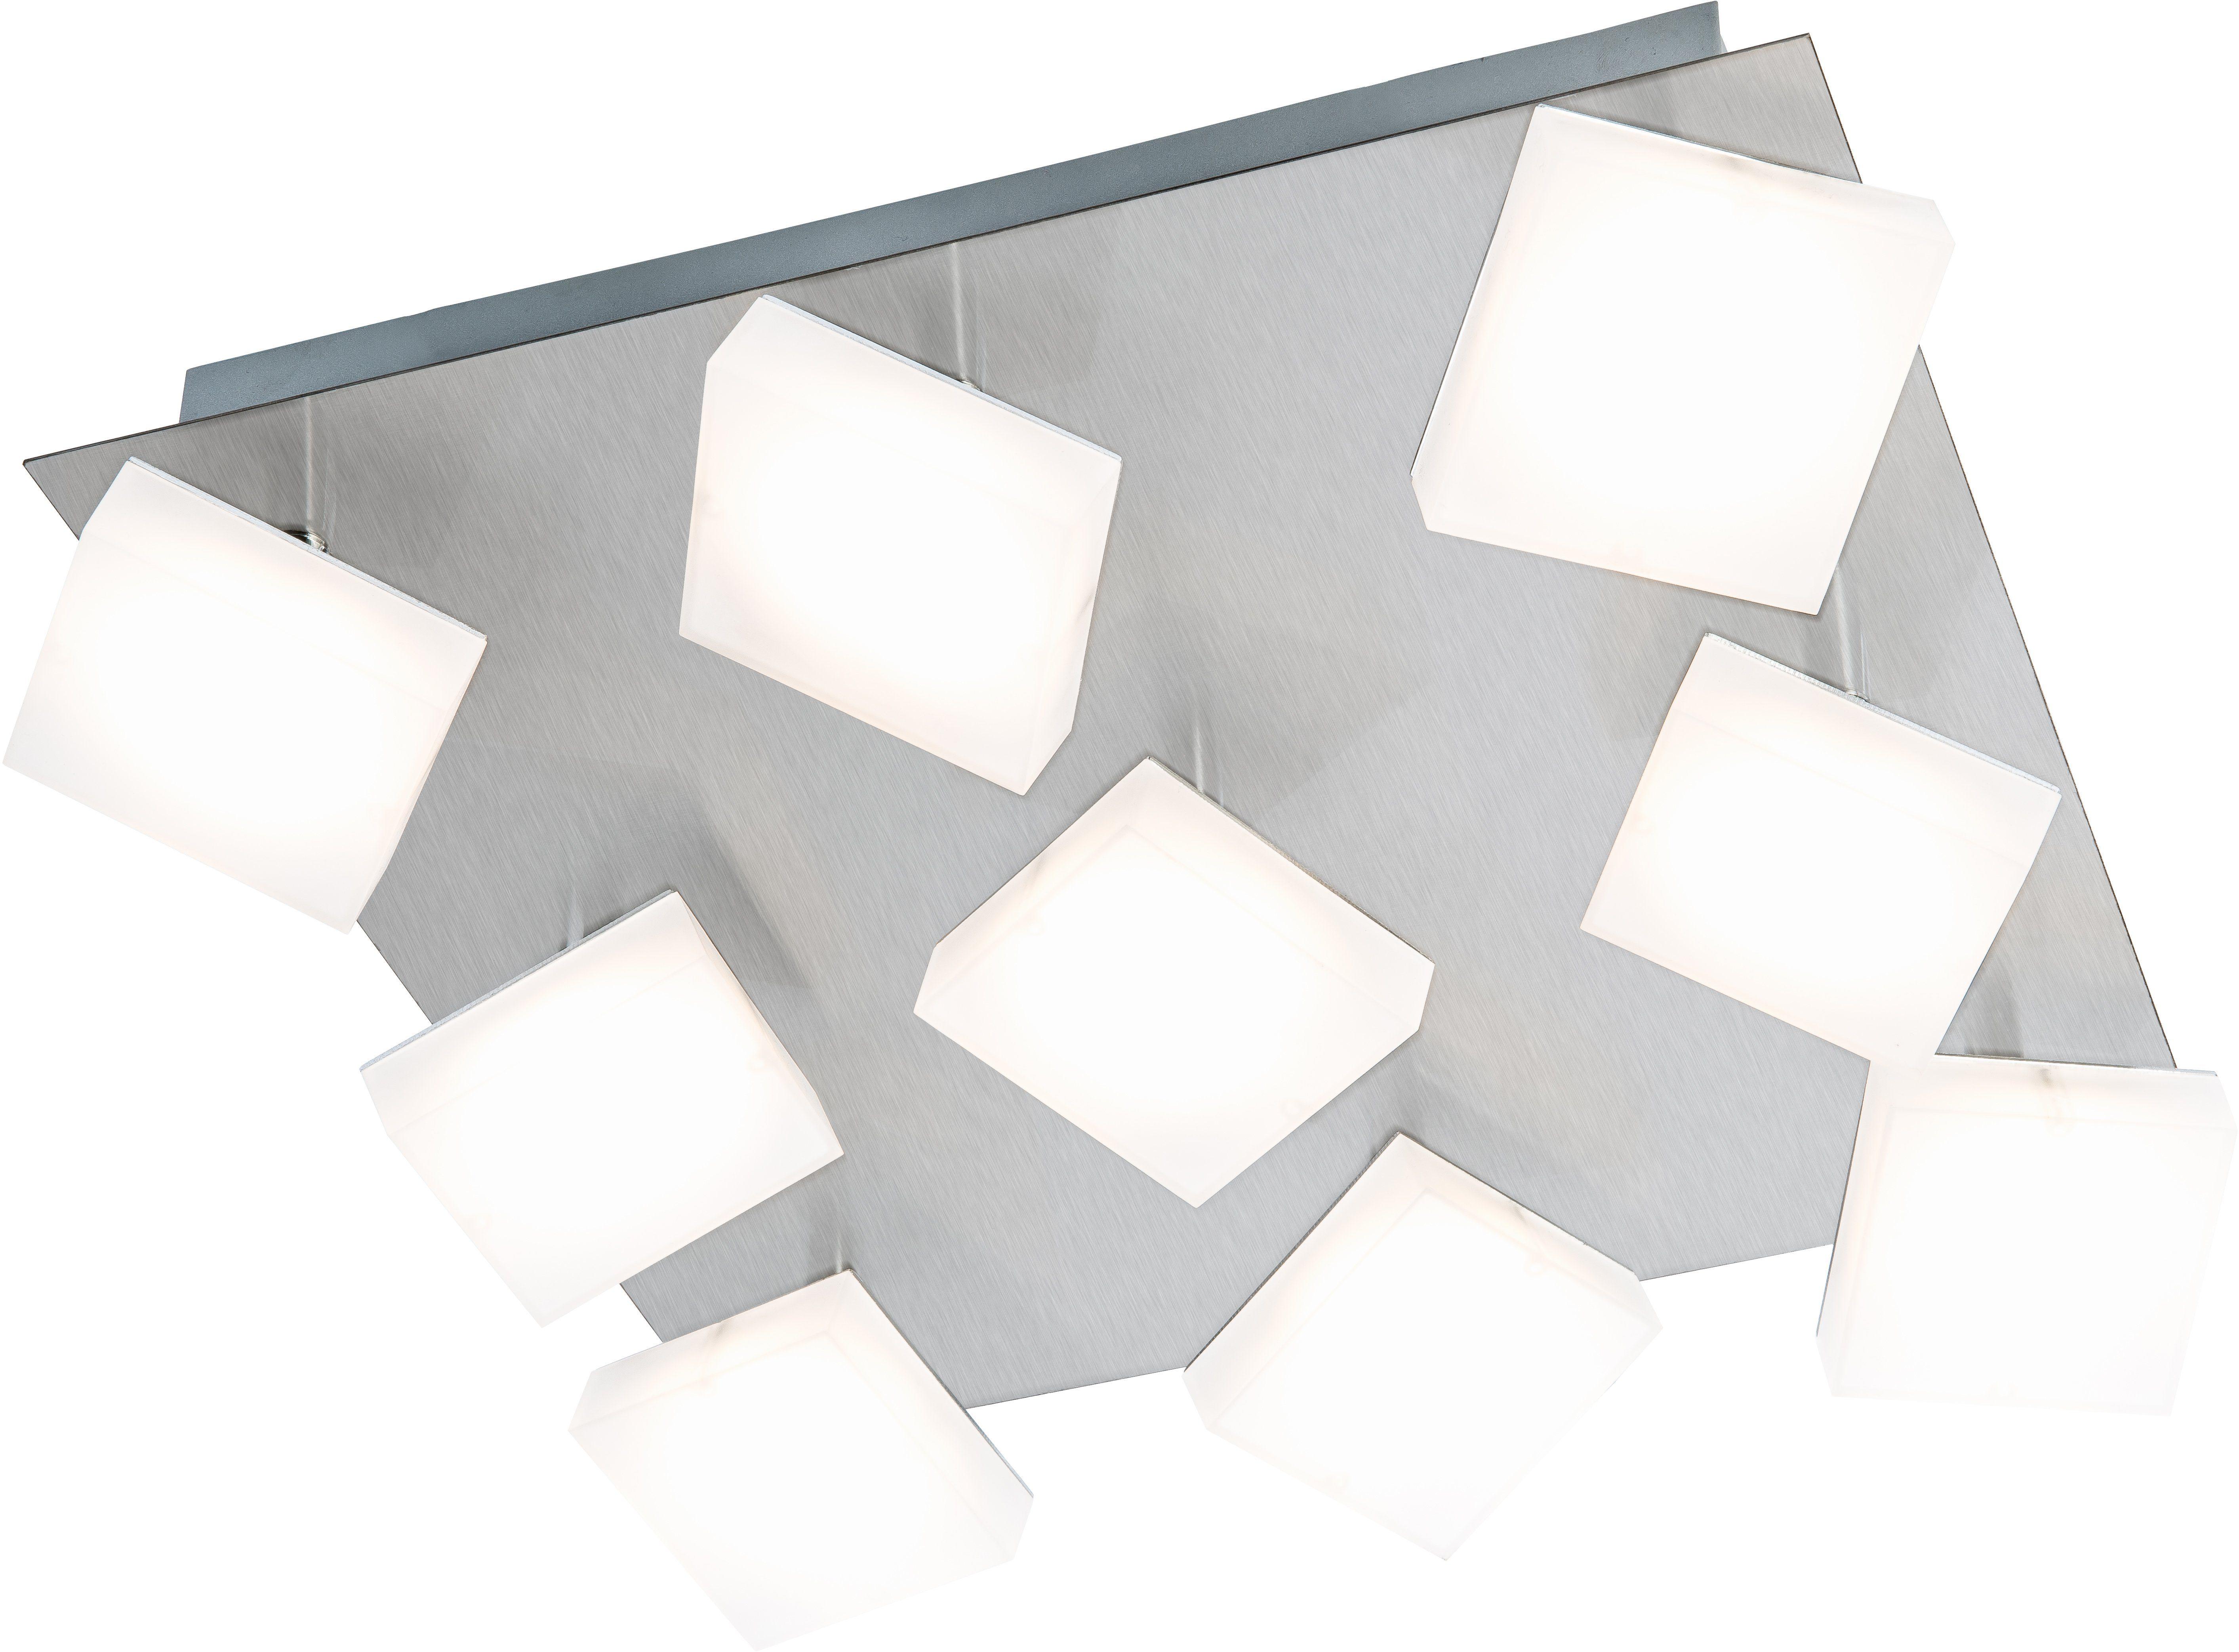 Nino Leuchten LED-Deckenleuchte, 9flg., »DENISE«